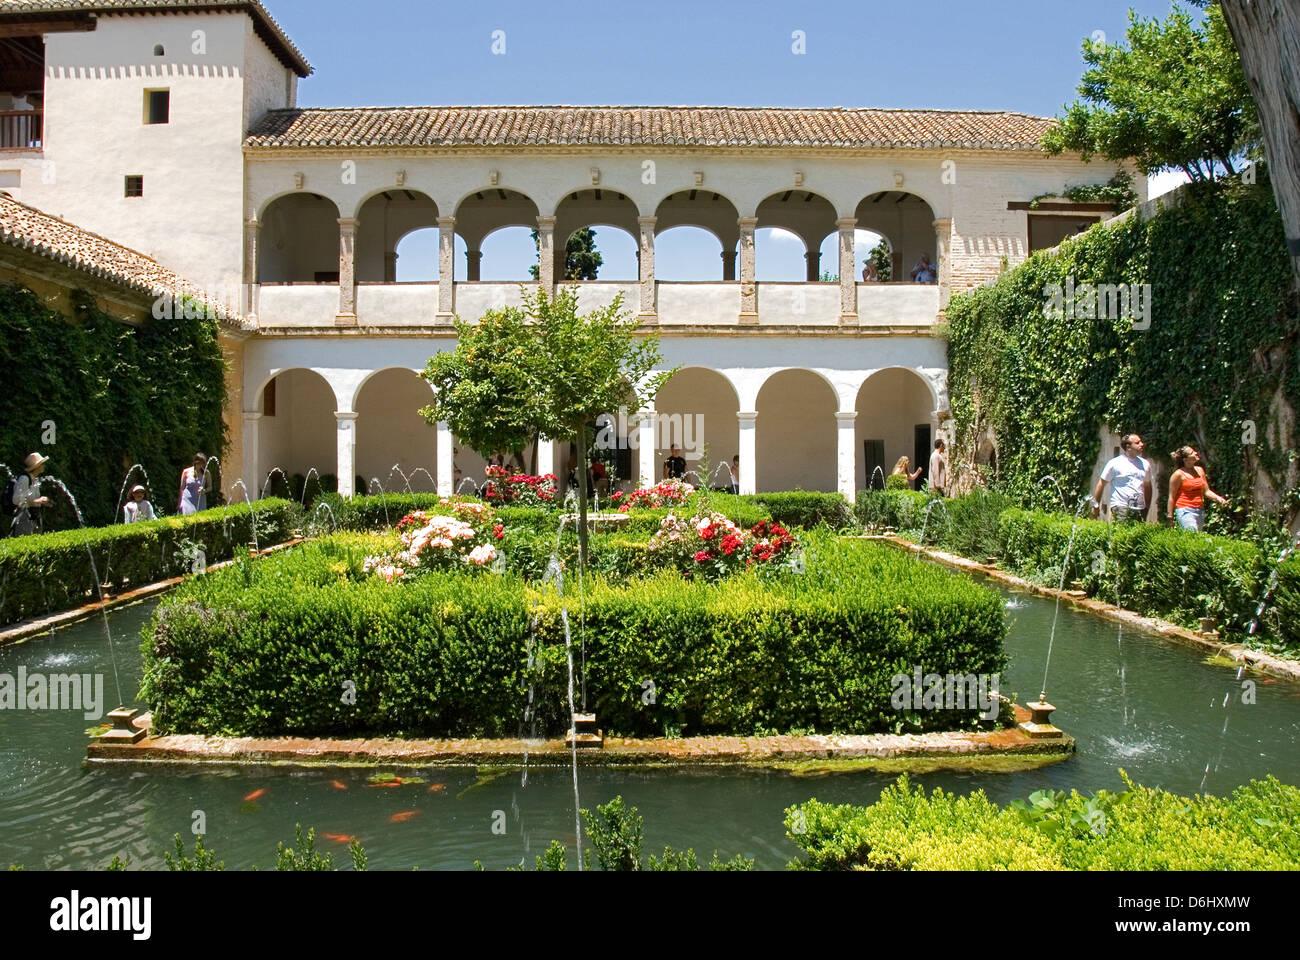 Jardin de la sultana palace of alhambra granada spain for Jardines de gomerez granada